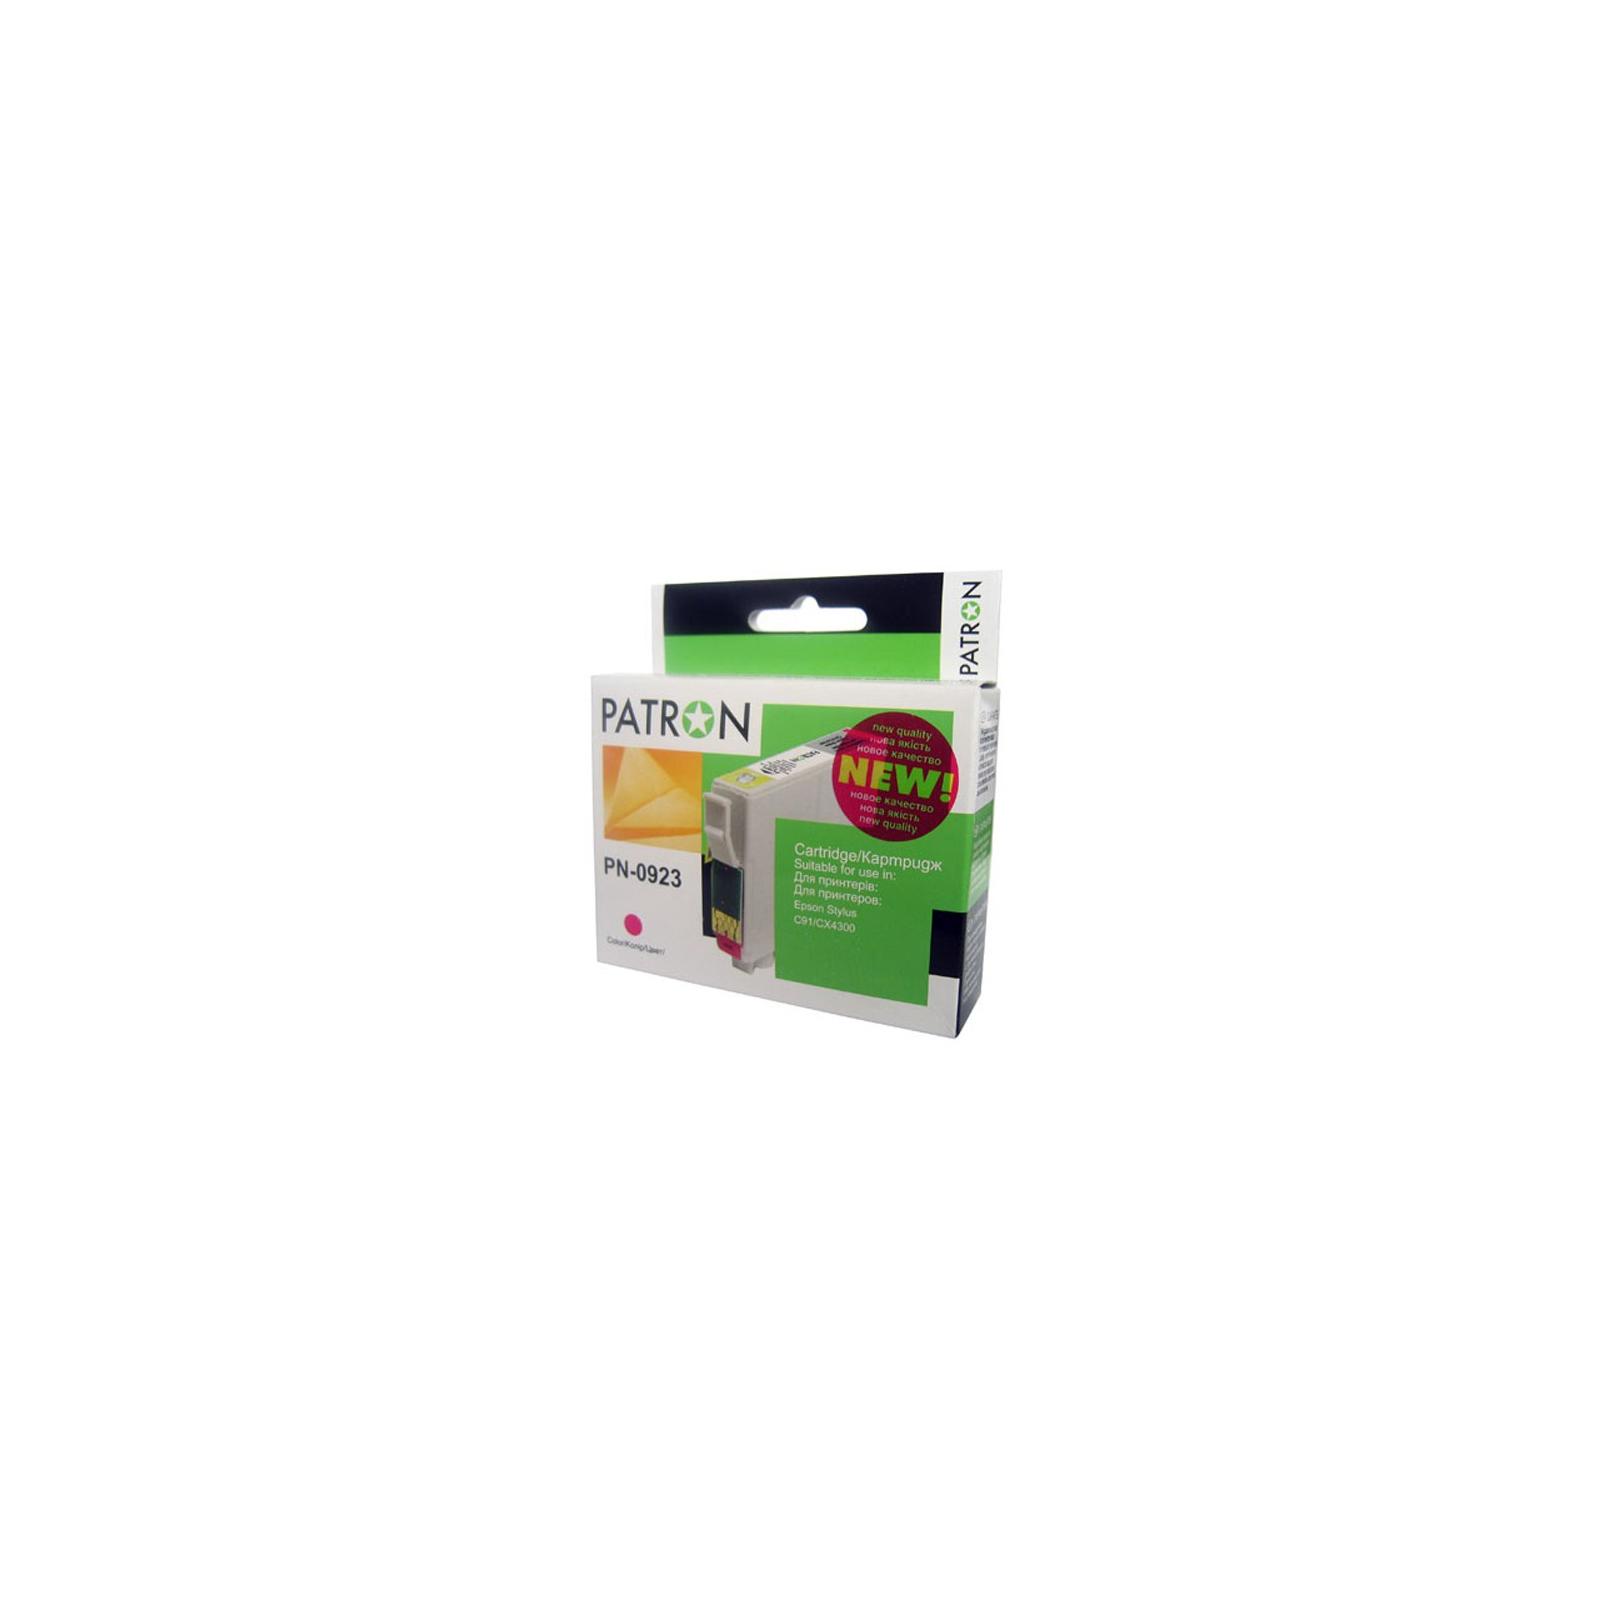 Картридж PATRON для EPSON C91/T26/27/TX106 magenta (CI-EPS-T09234A-M2-PN) изображение 2